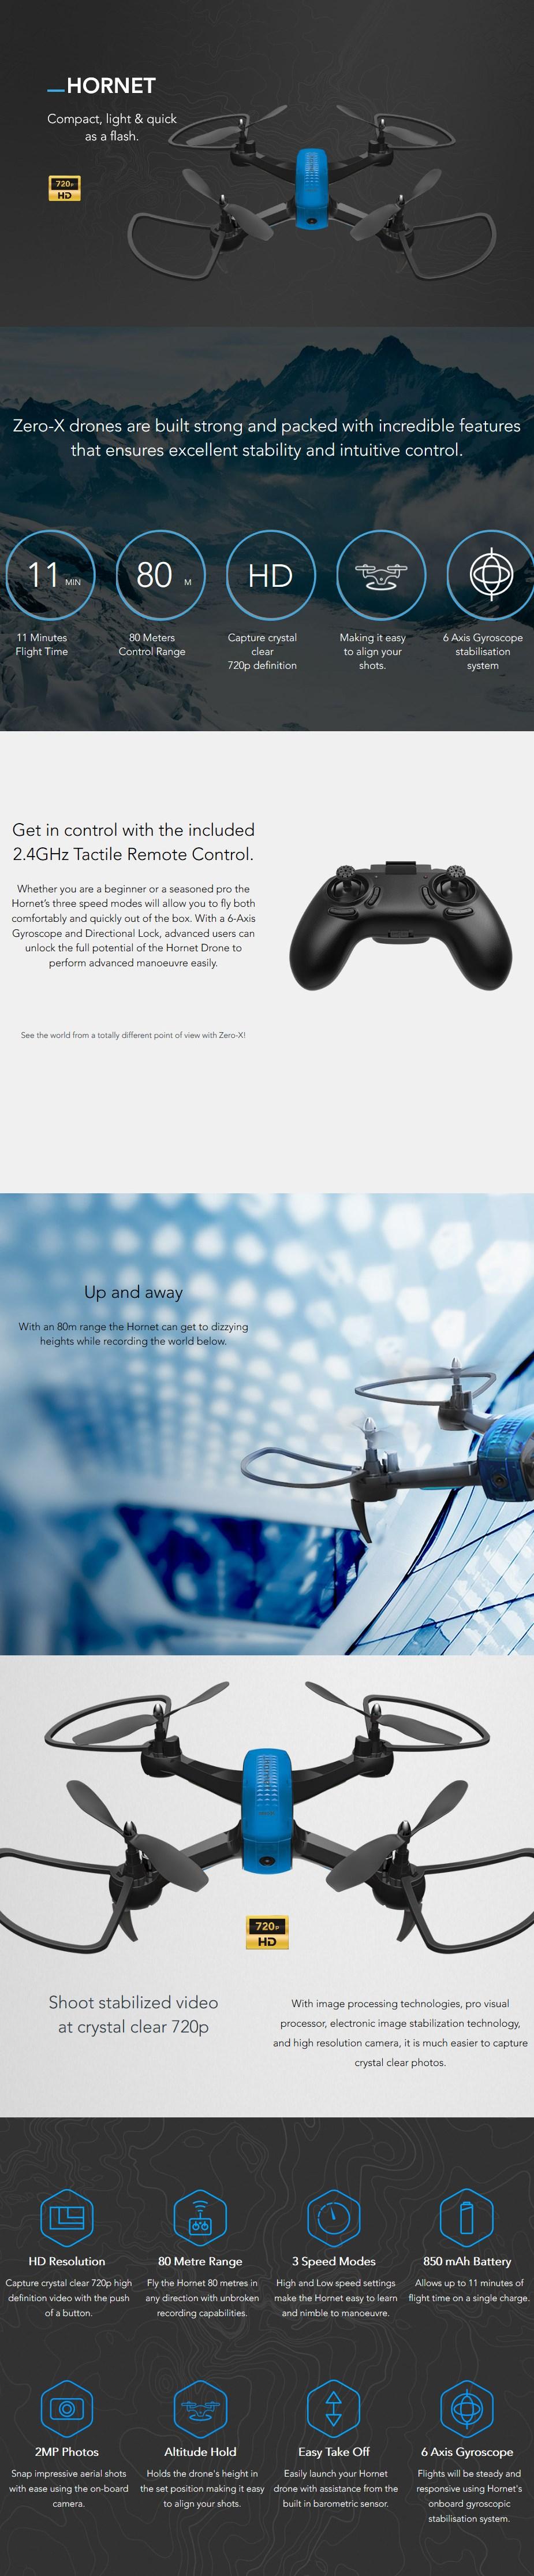 Zero-X Hornet 720p Drone - Desktop Overview 1